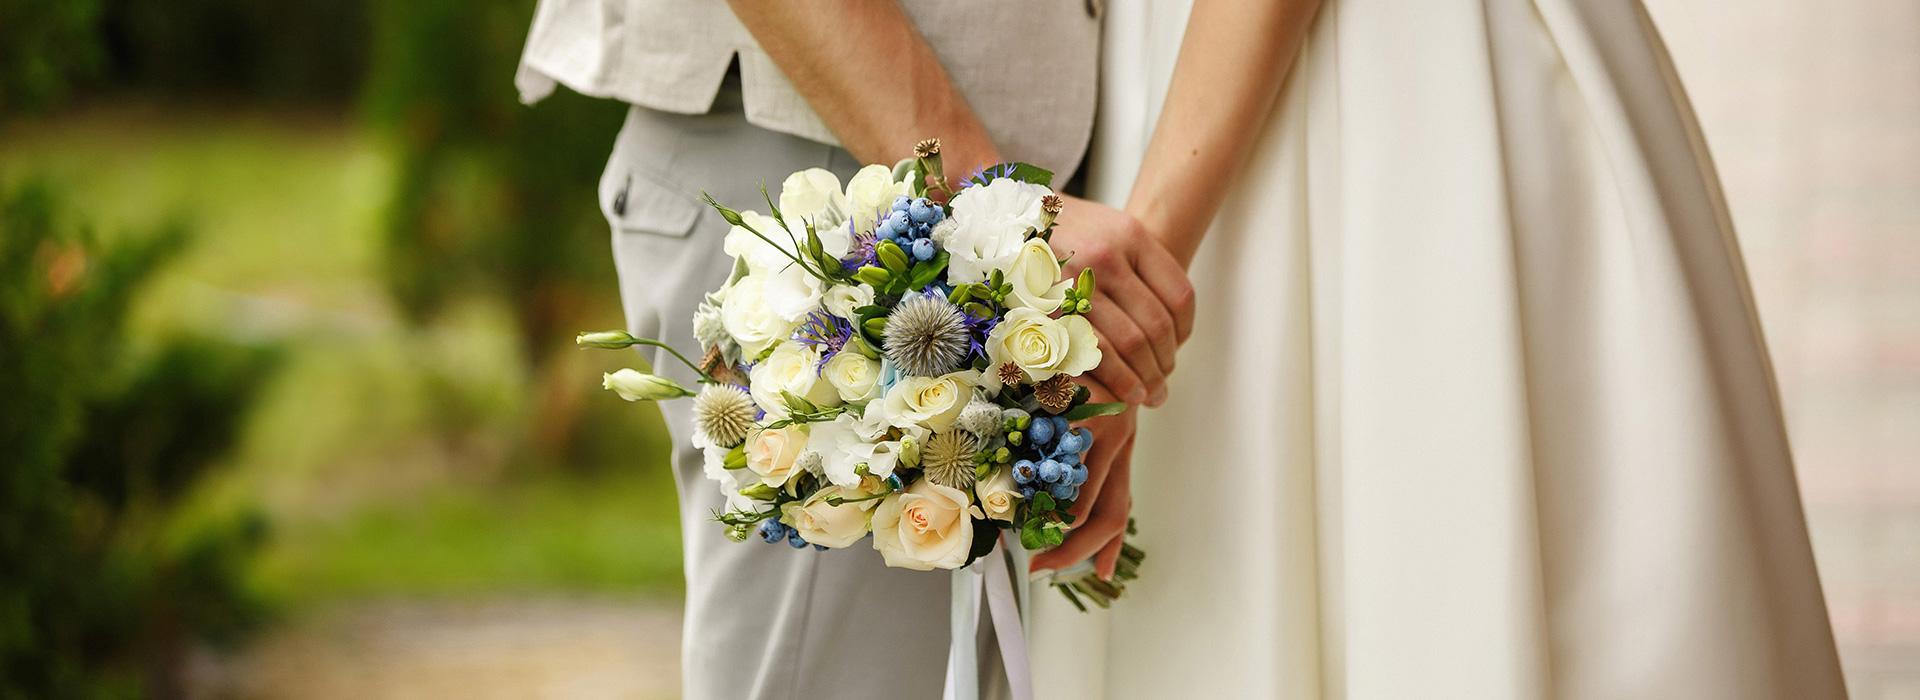 bouquet matrimonio location